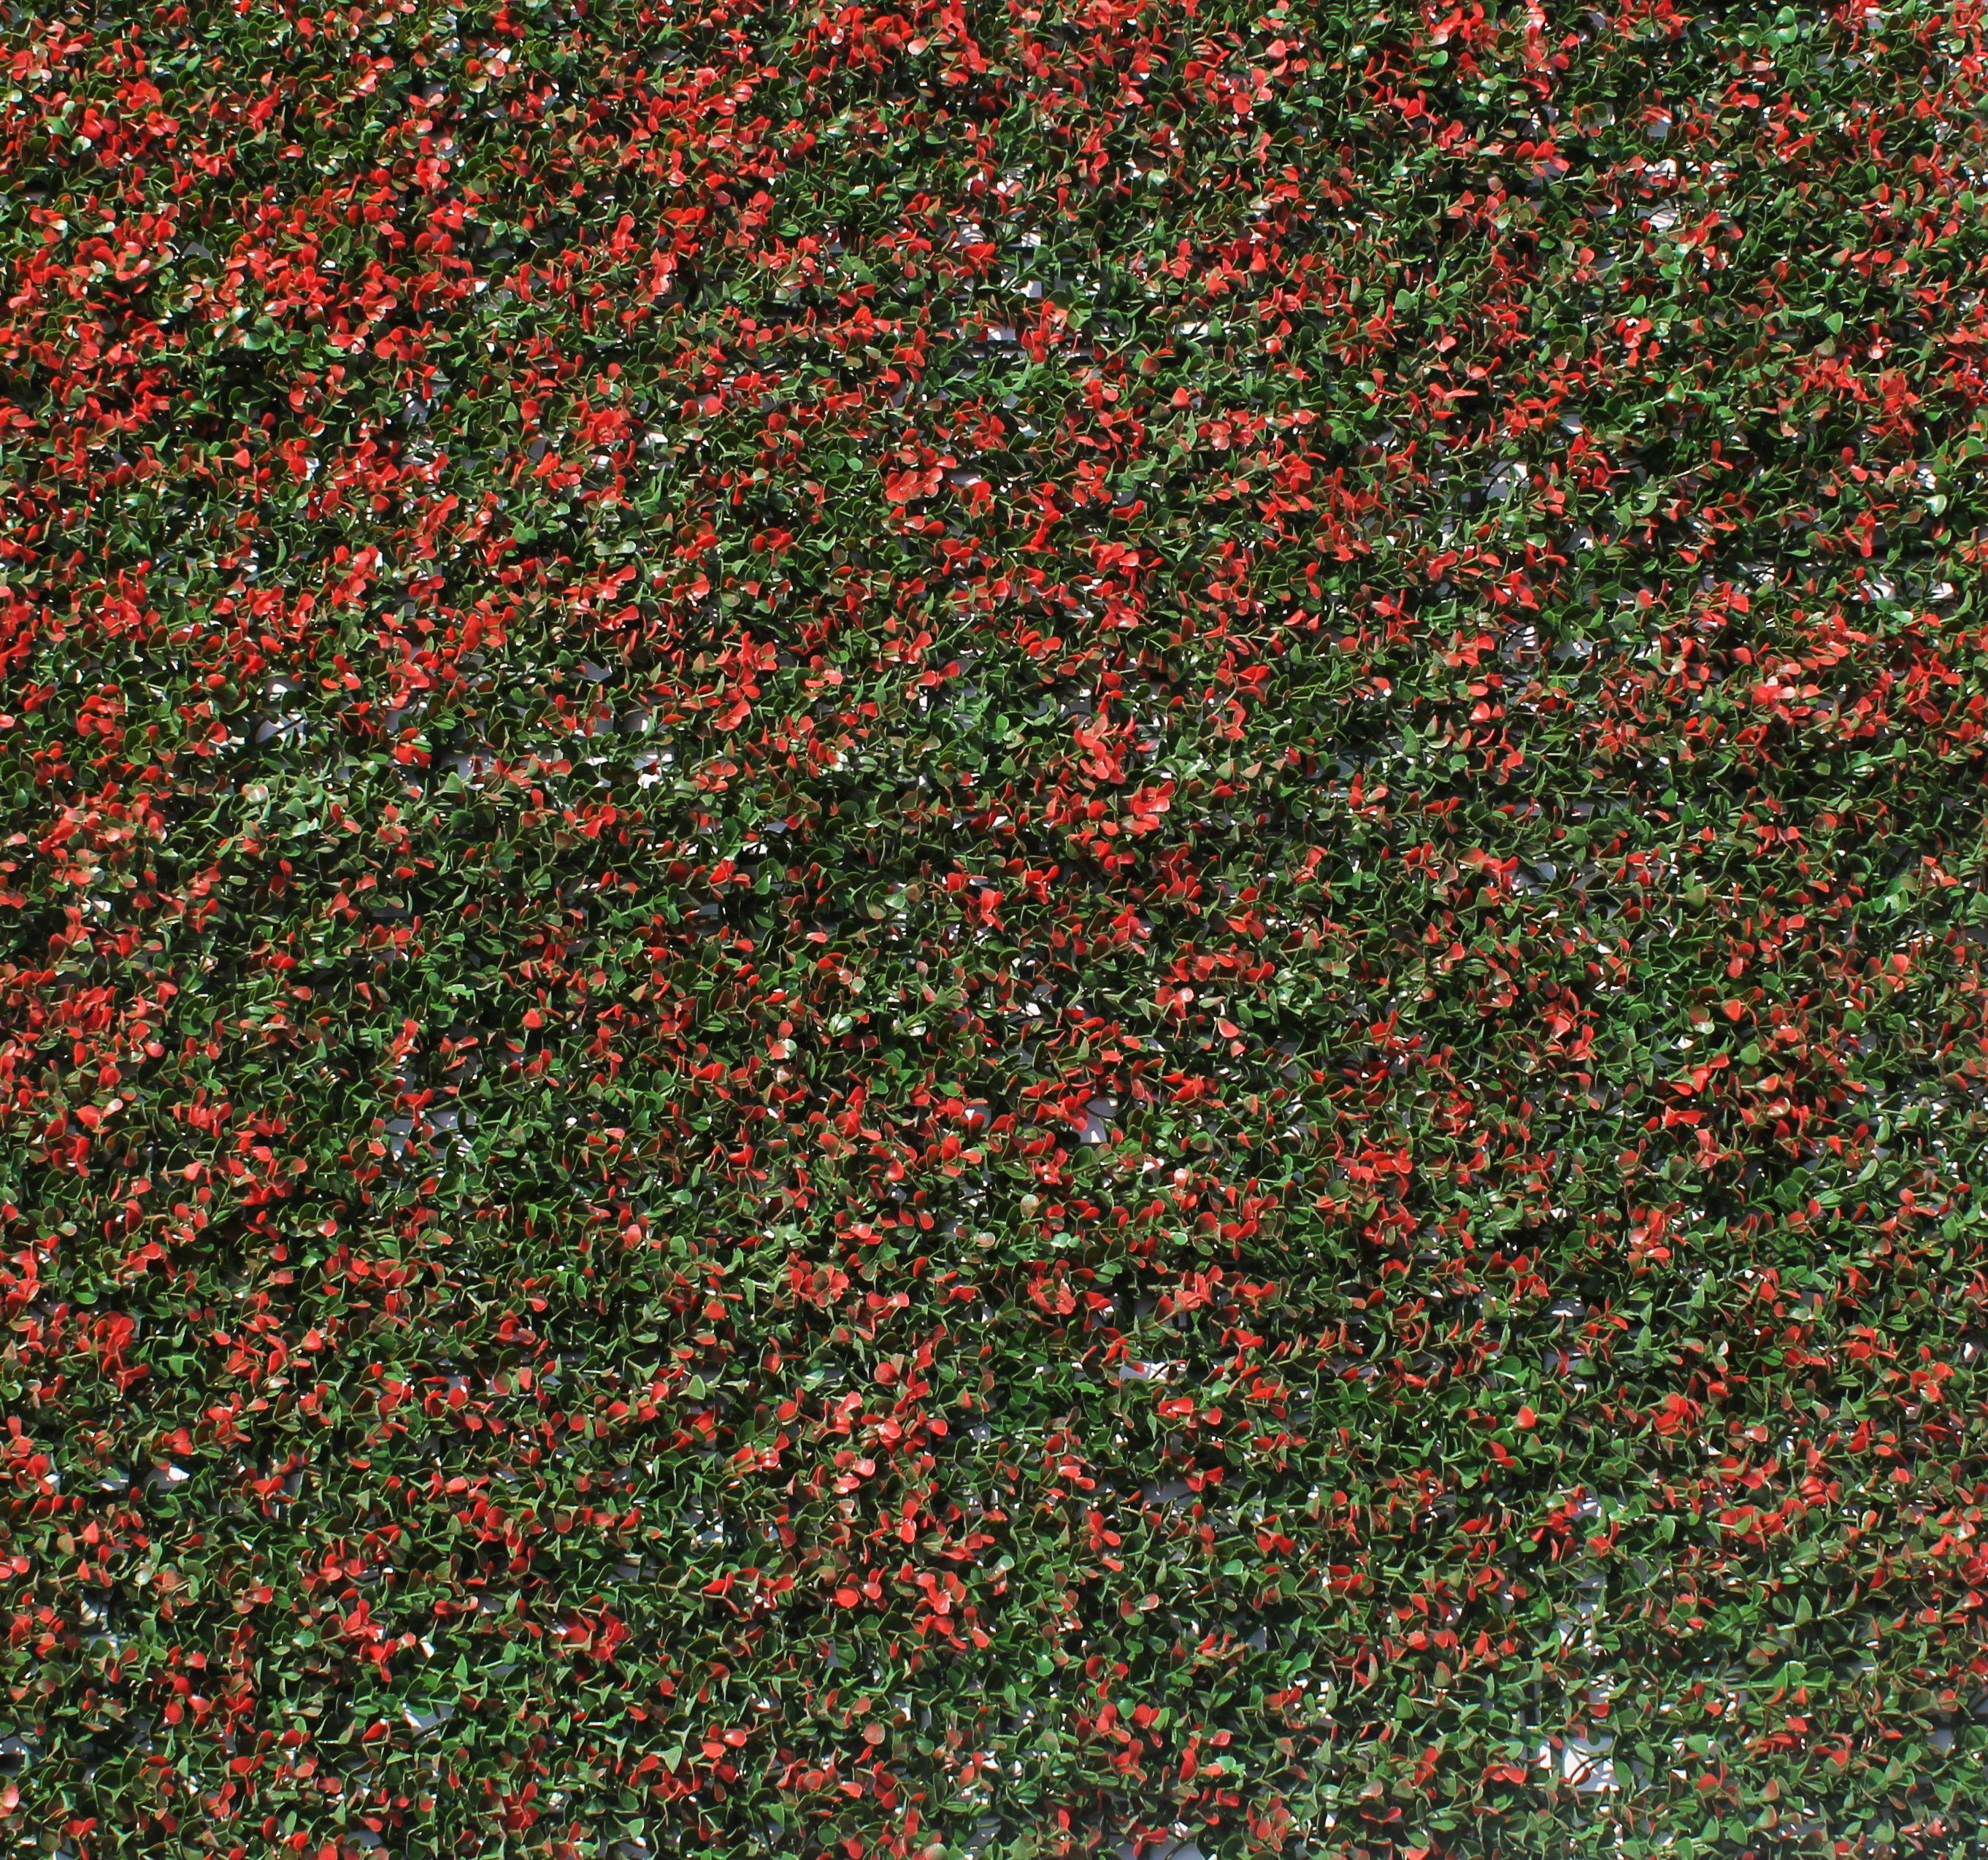 Muros Verdes - Innover - Exteriorismo | Vegetación | Pinterest